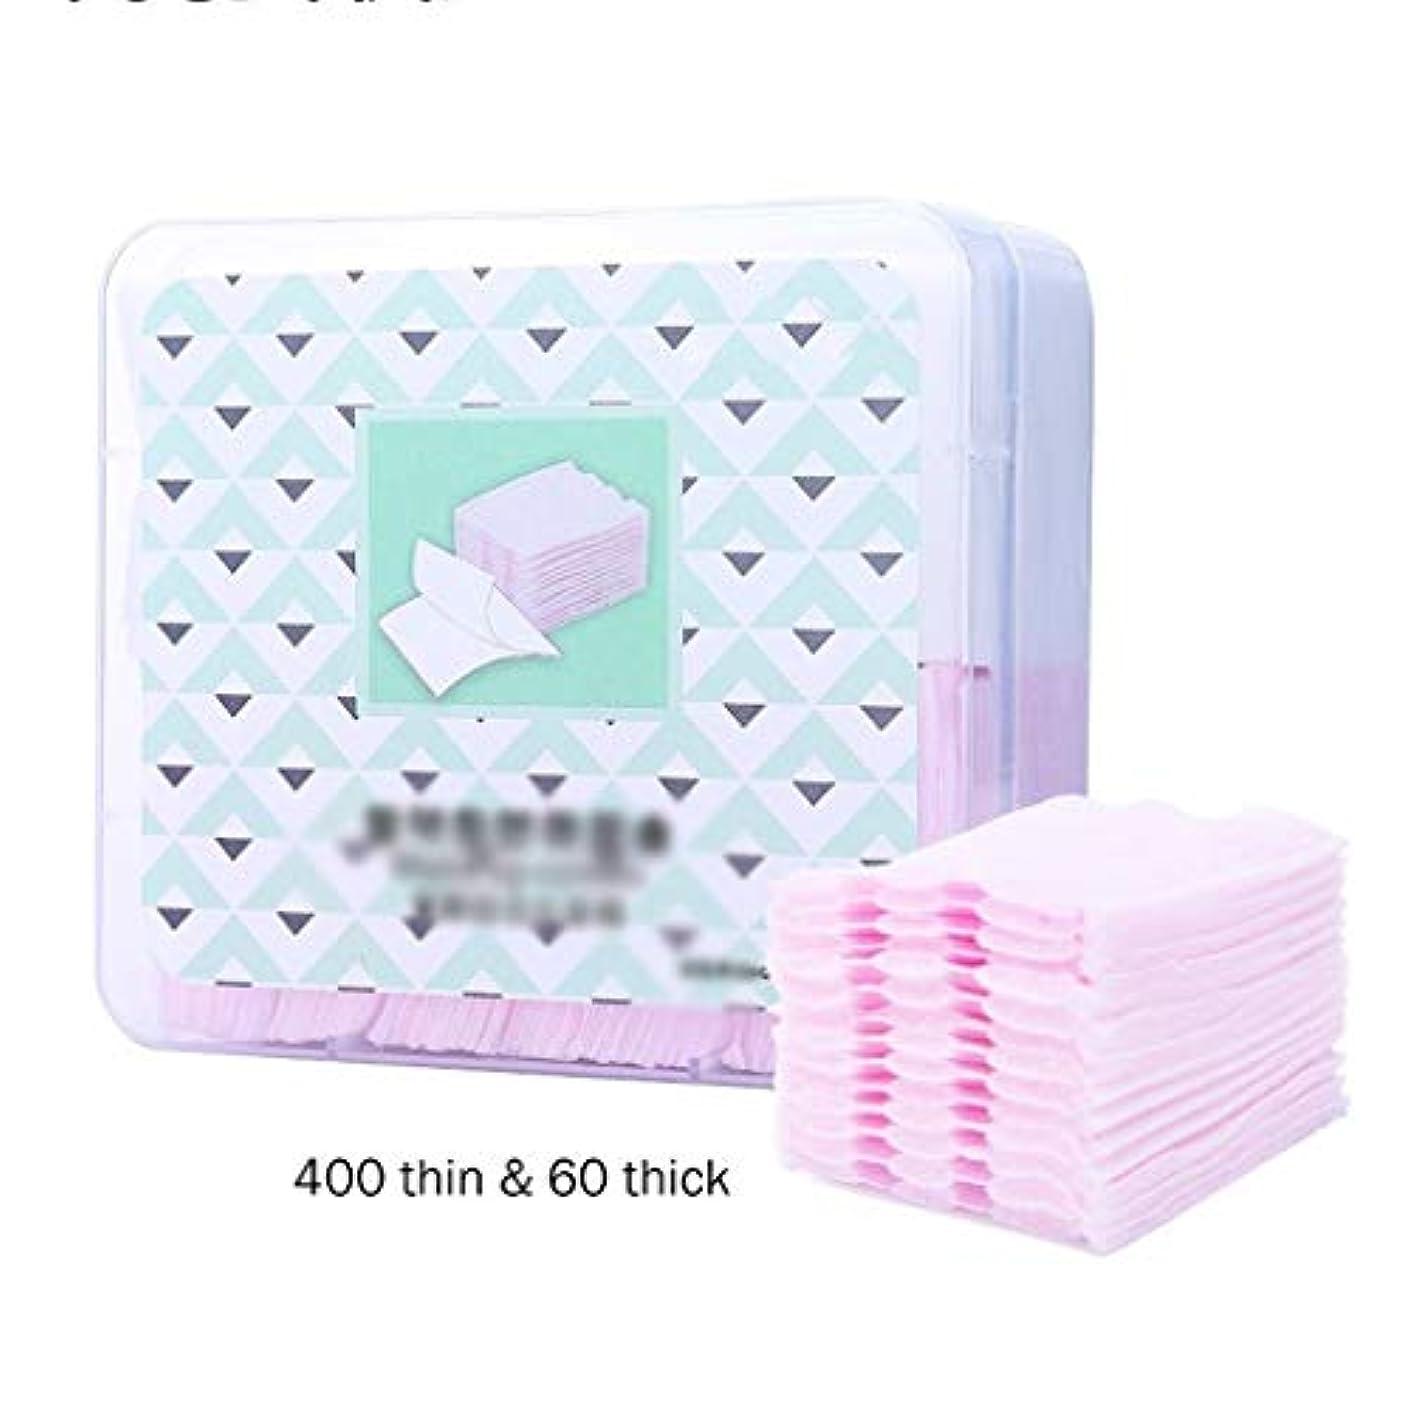 ブロー全国クリスマスクレンジングシート 460ピース有機化粧コットンパッドネイル化粧品コットンワイプフェイスフェイシャルティッシュリムーバーワイプネイルナプキン化粧パッド (Color : Pink+White, サイズ : 5.2*5.9cm)